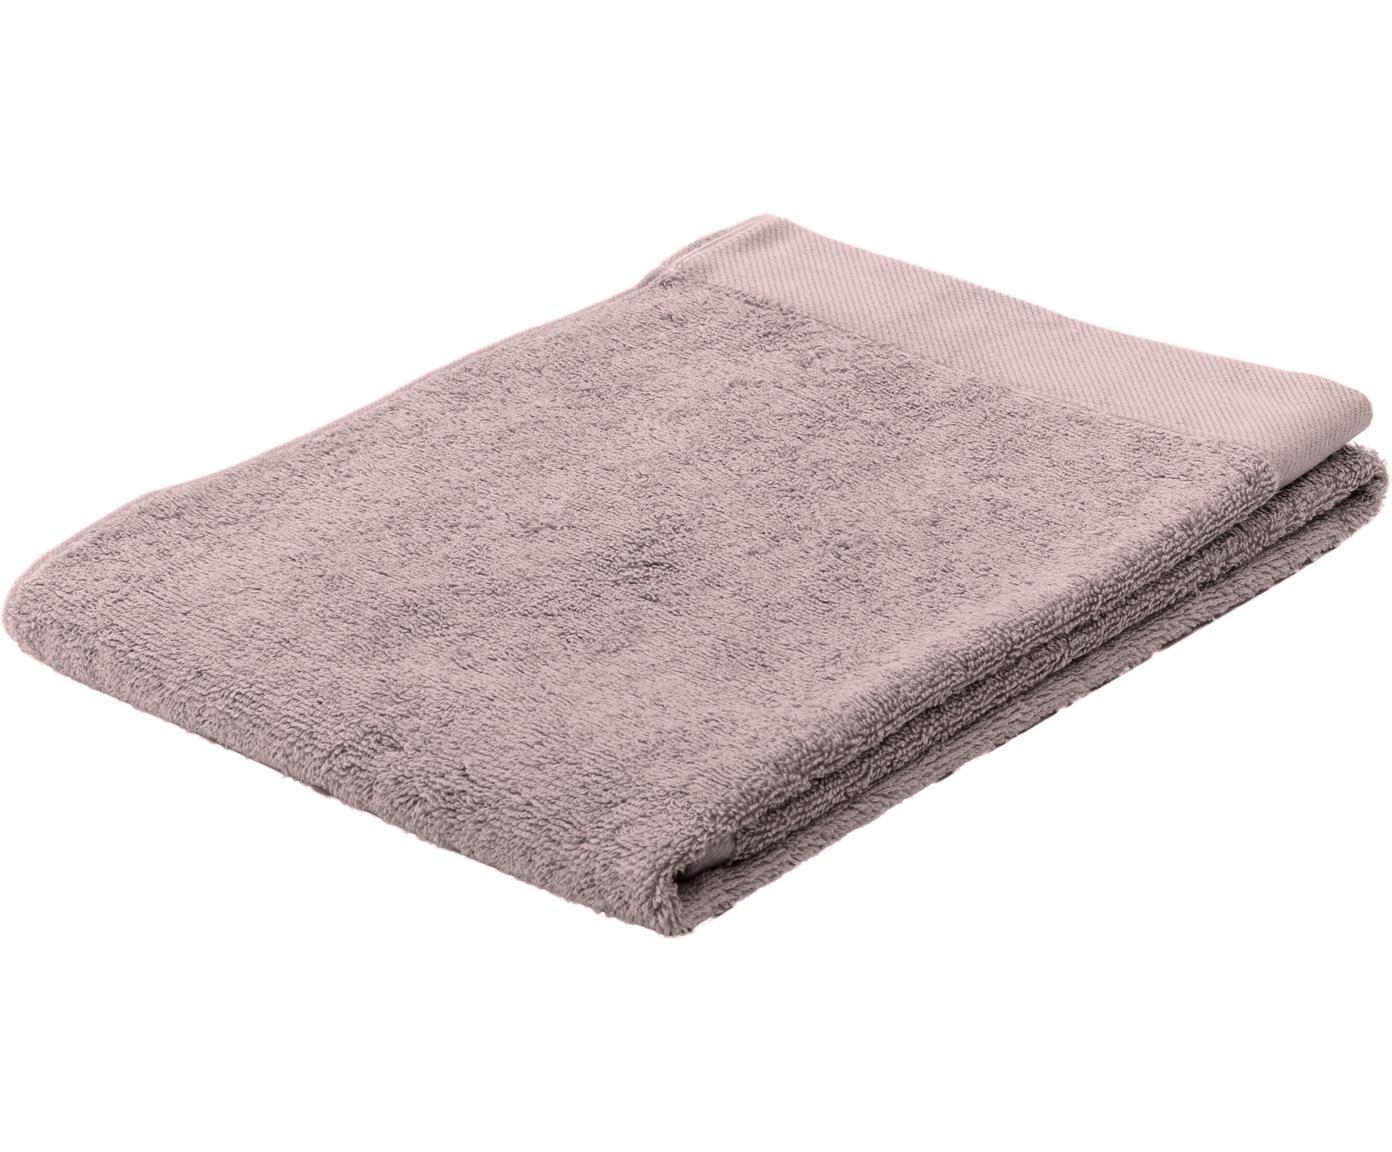 Handtuch Blend in verschiedenen Größen, aus recyceltem Baumwoll-Mix, Puderrosa, Gästehandtuch